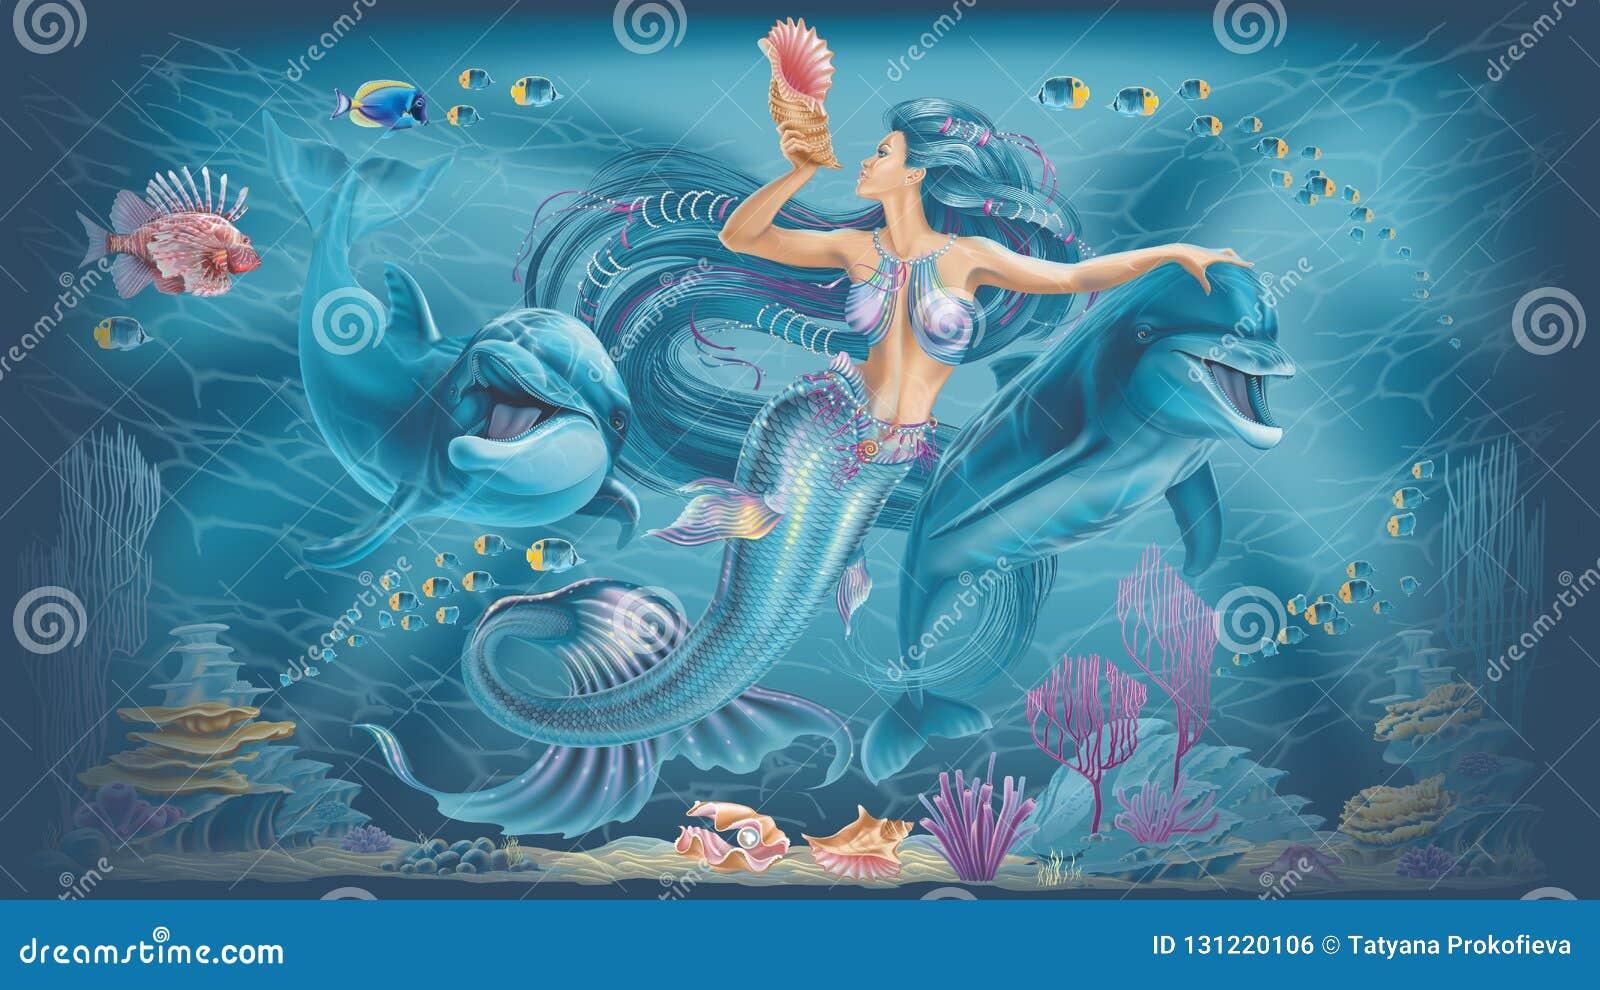 Иллюстрация русалки и дельфинов